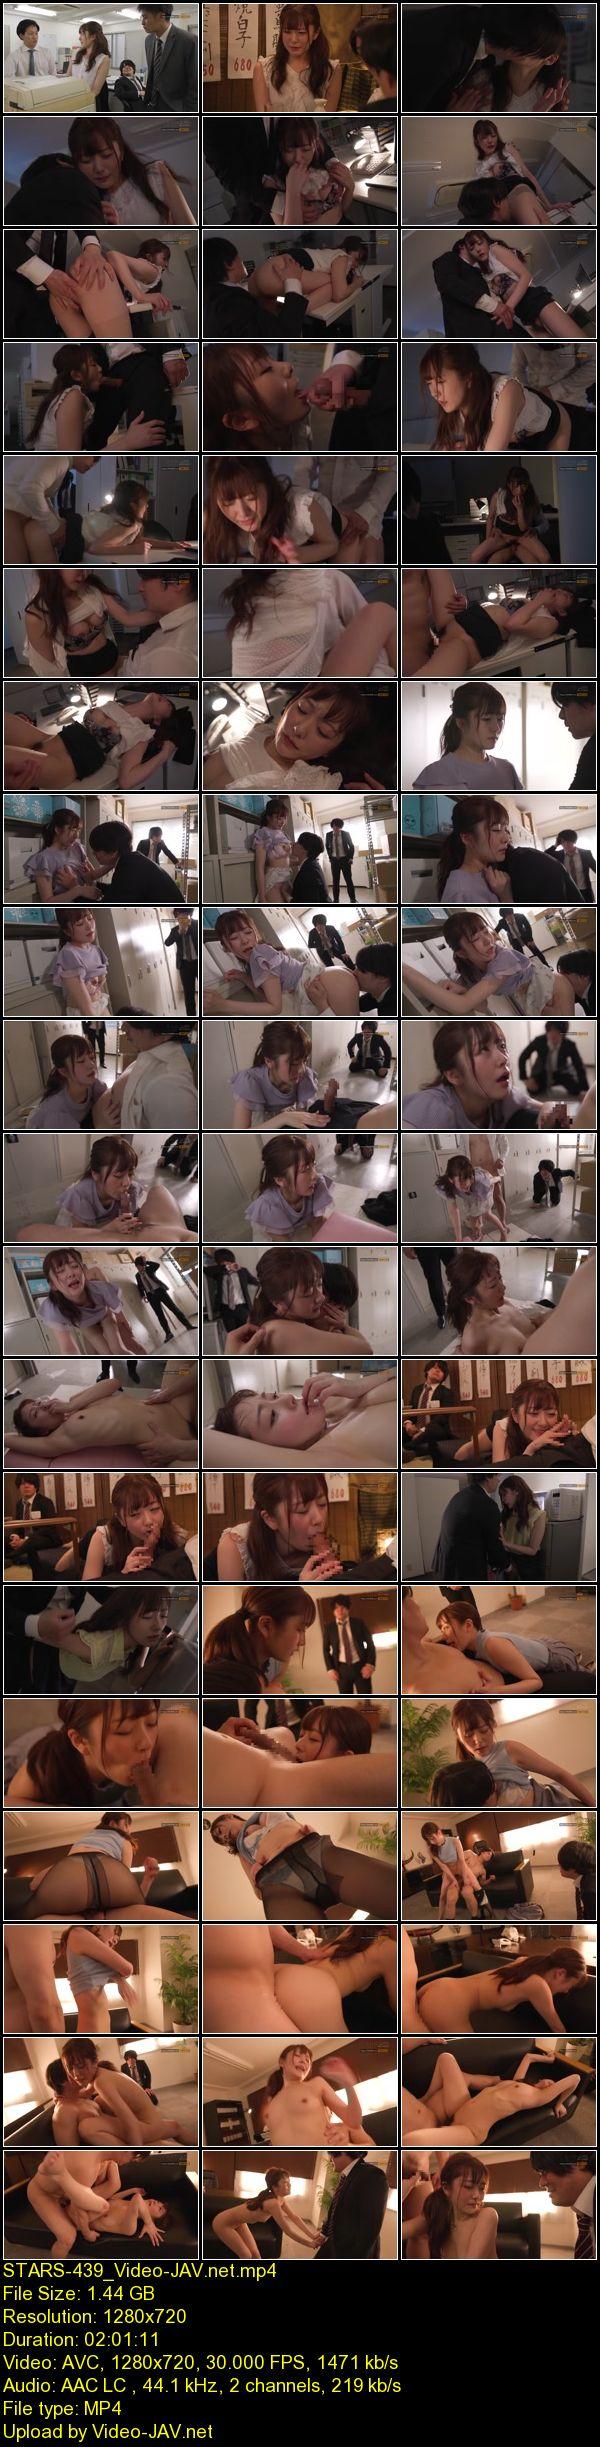 JAV Download Hikari Aozora [STARS 439] 「ほんとは君が好きだったのに…」さっさと告白してくれない同期(幼馴染)の目の前で上司と見せつけSEXをしてしまう私… 青空ひかり